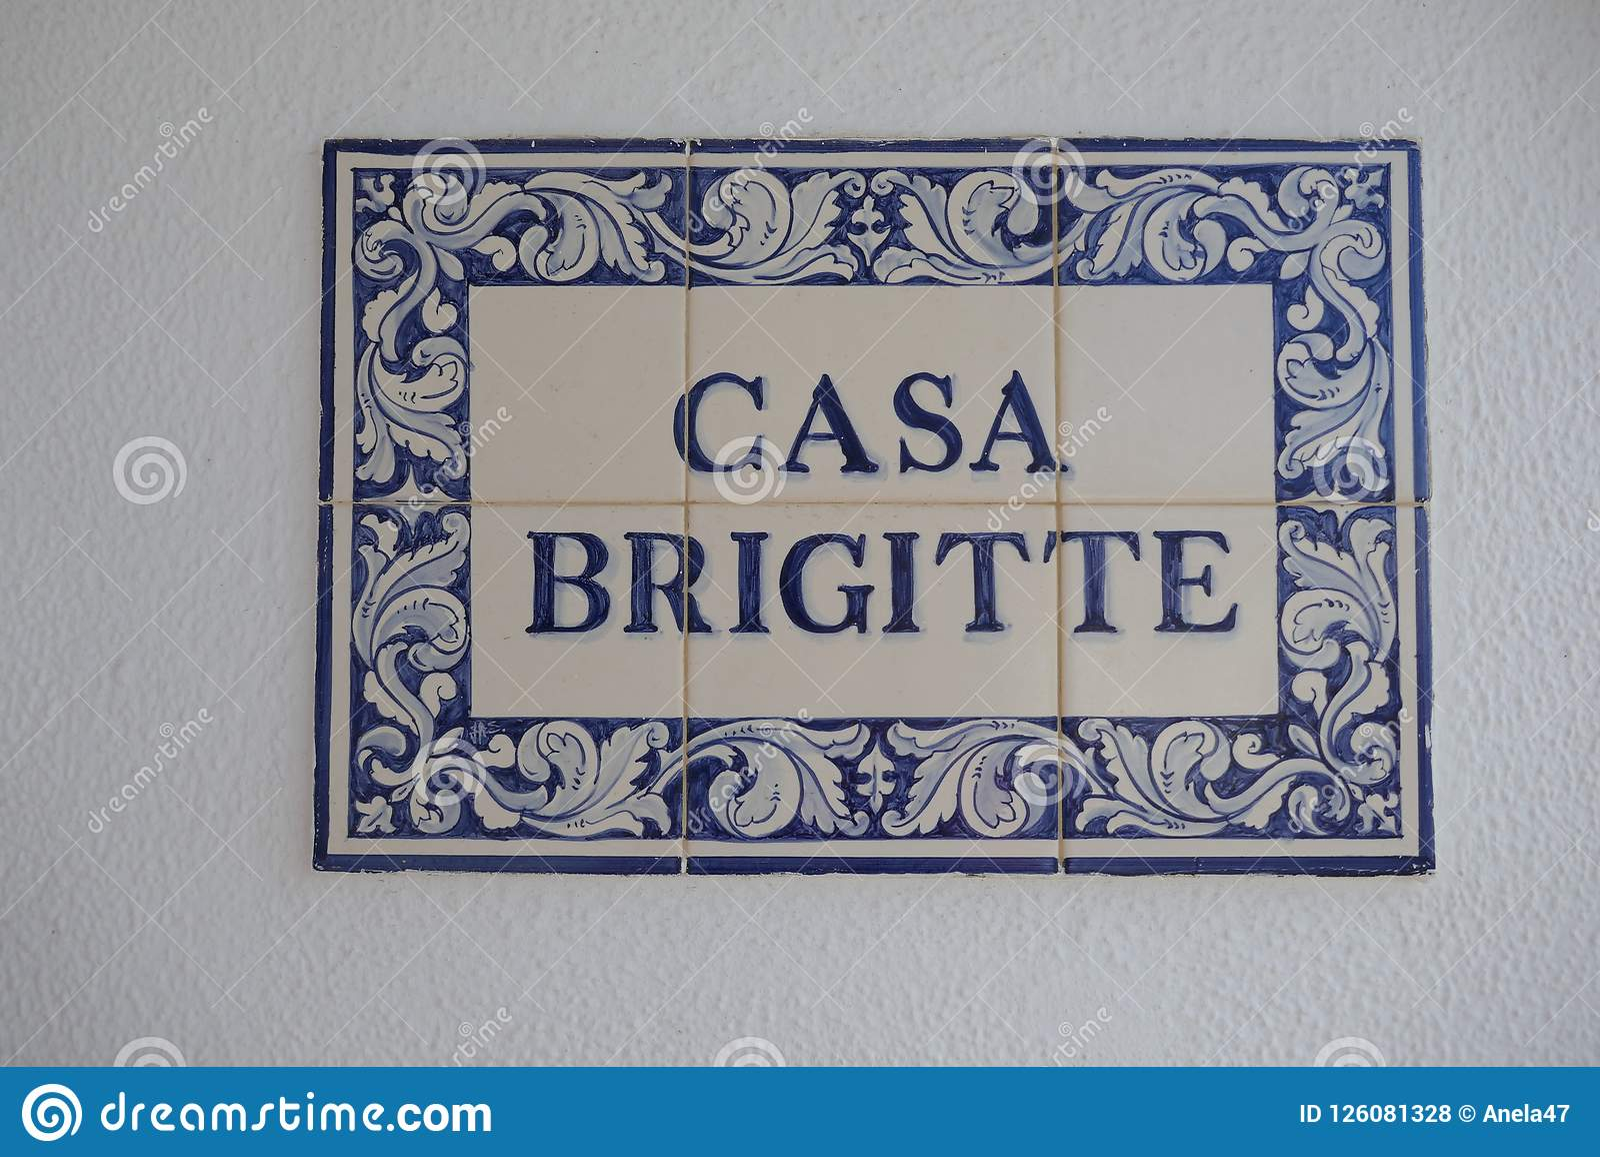 Κεραμίδια CASA BRIGITTE, πορτογαλικά ή ισπανικά κεραμικά, αποκαλούμενα azulejos